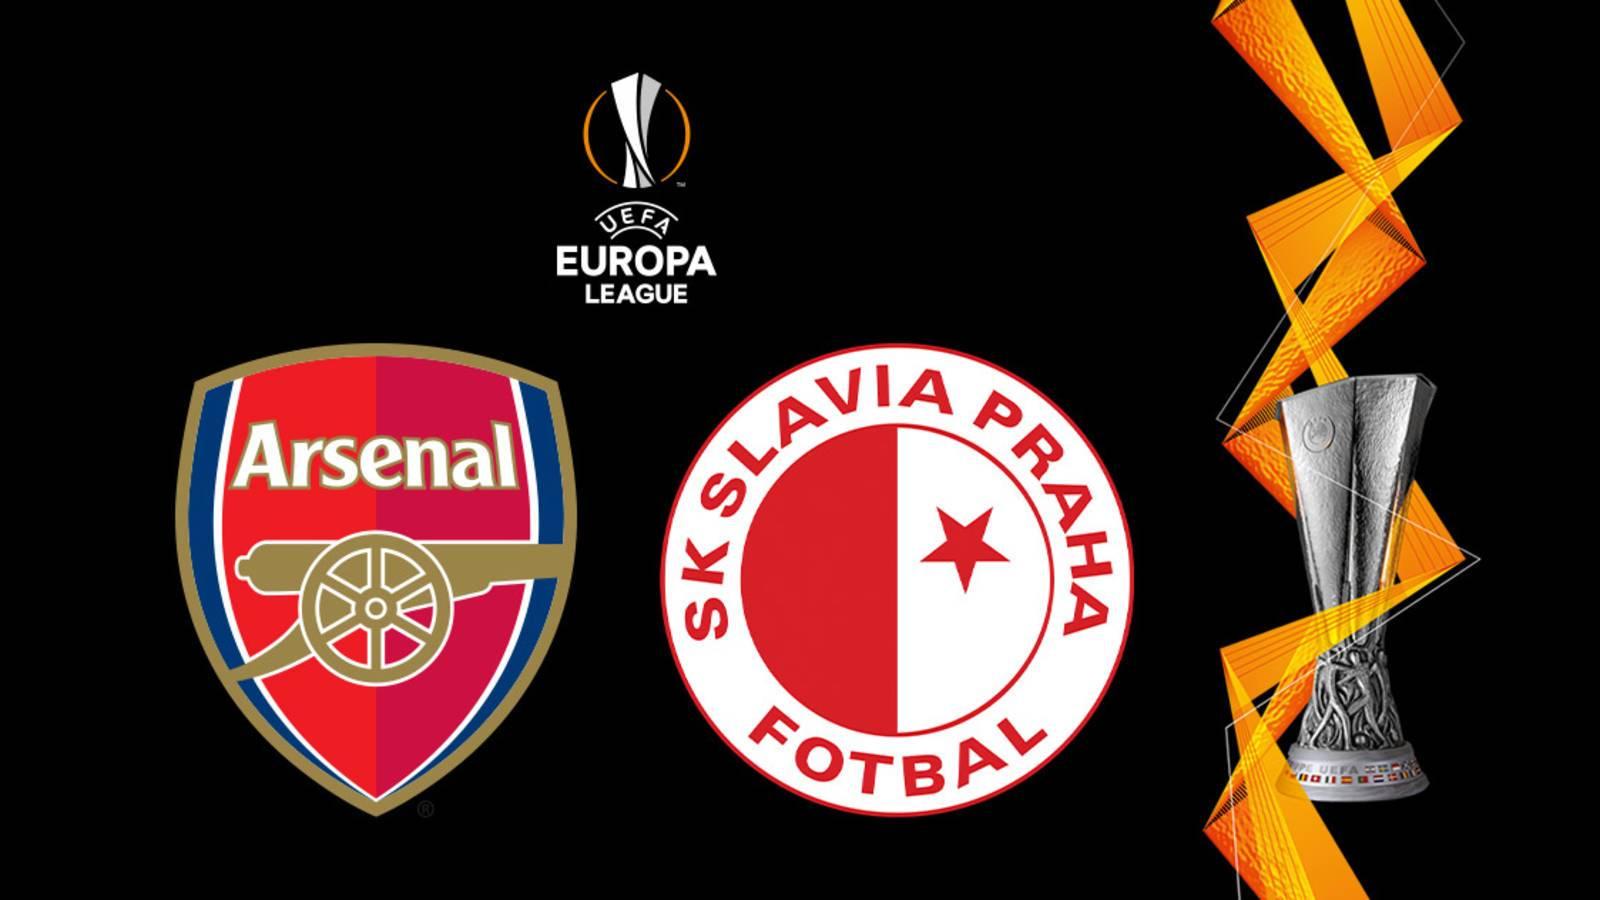 مشاهدة مباراة آرسنال وسلافيا براغ  بث مباشر اليوم 8/ 04 / 2021 الدوري الإوروبي